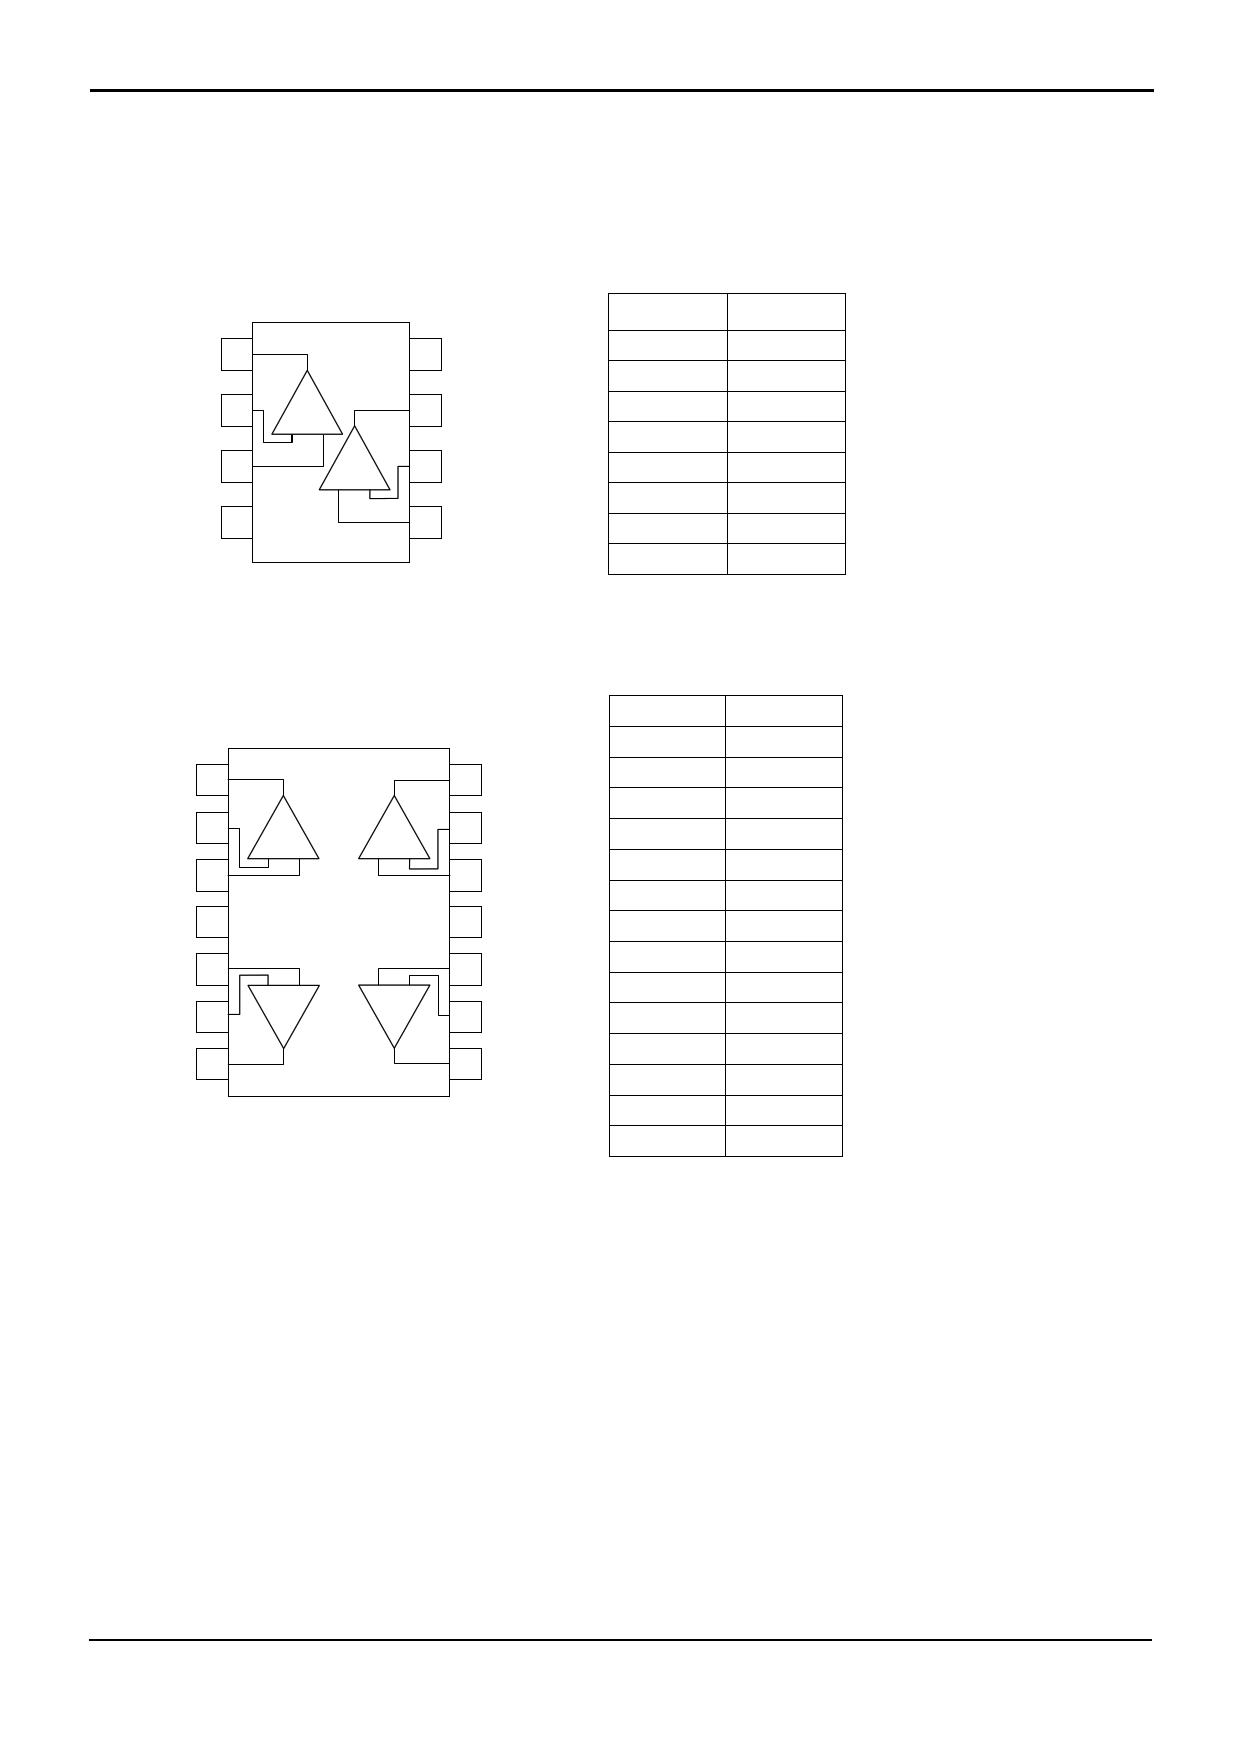 TLR341G pdf, schematic